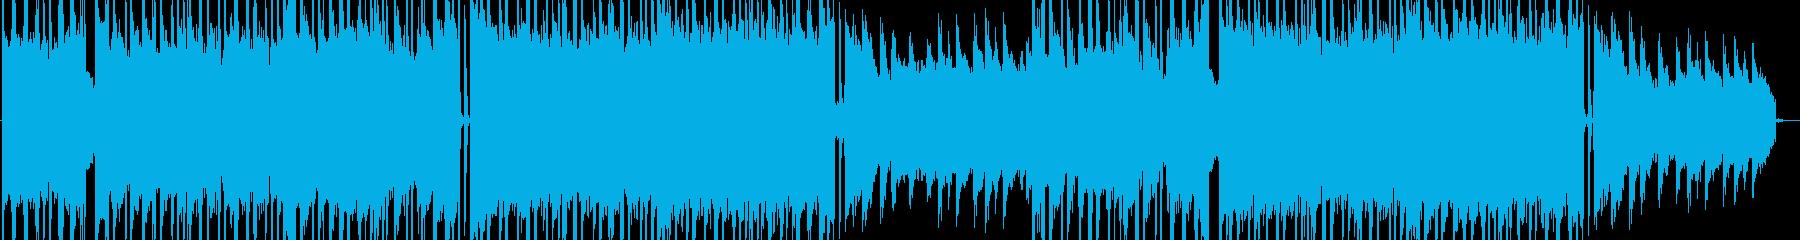 刺激的でトレンディなヒップホップ音楽の再生済みの波形